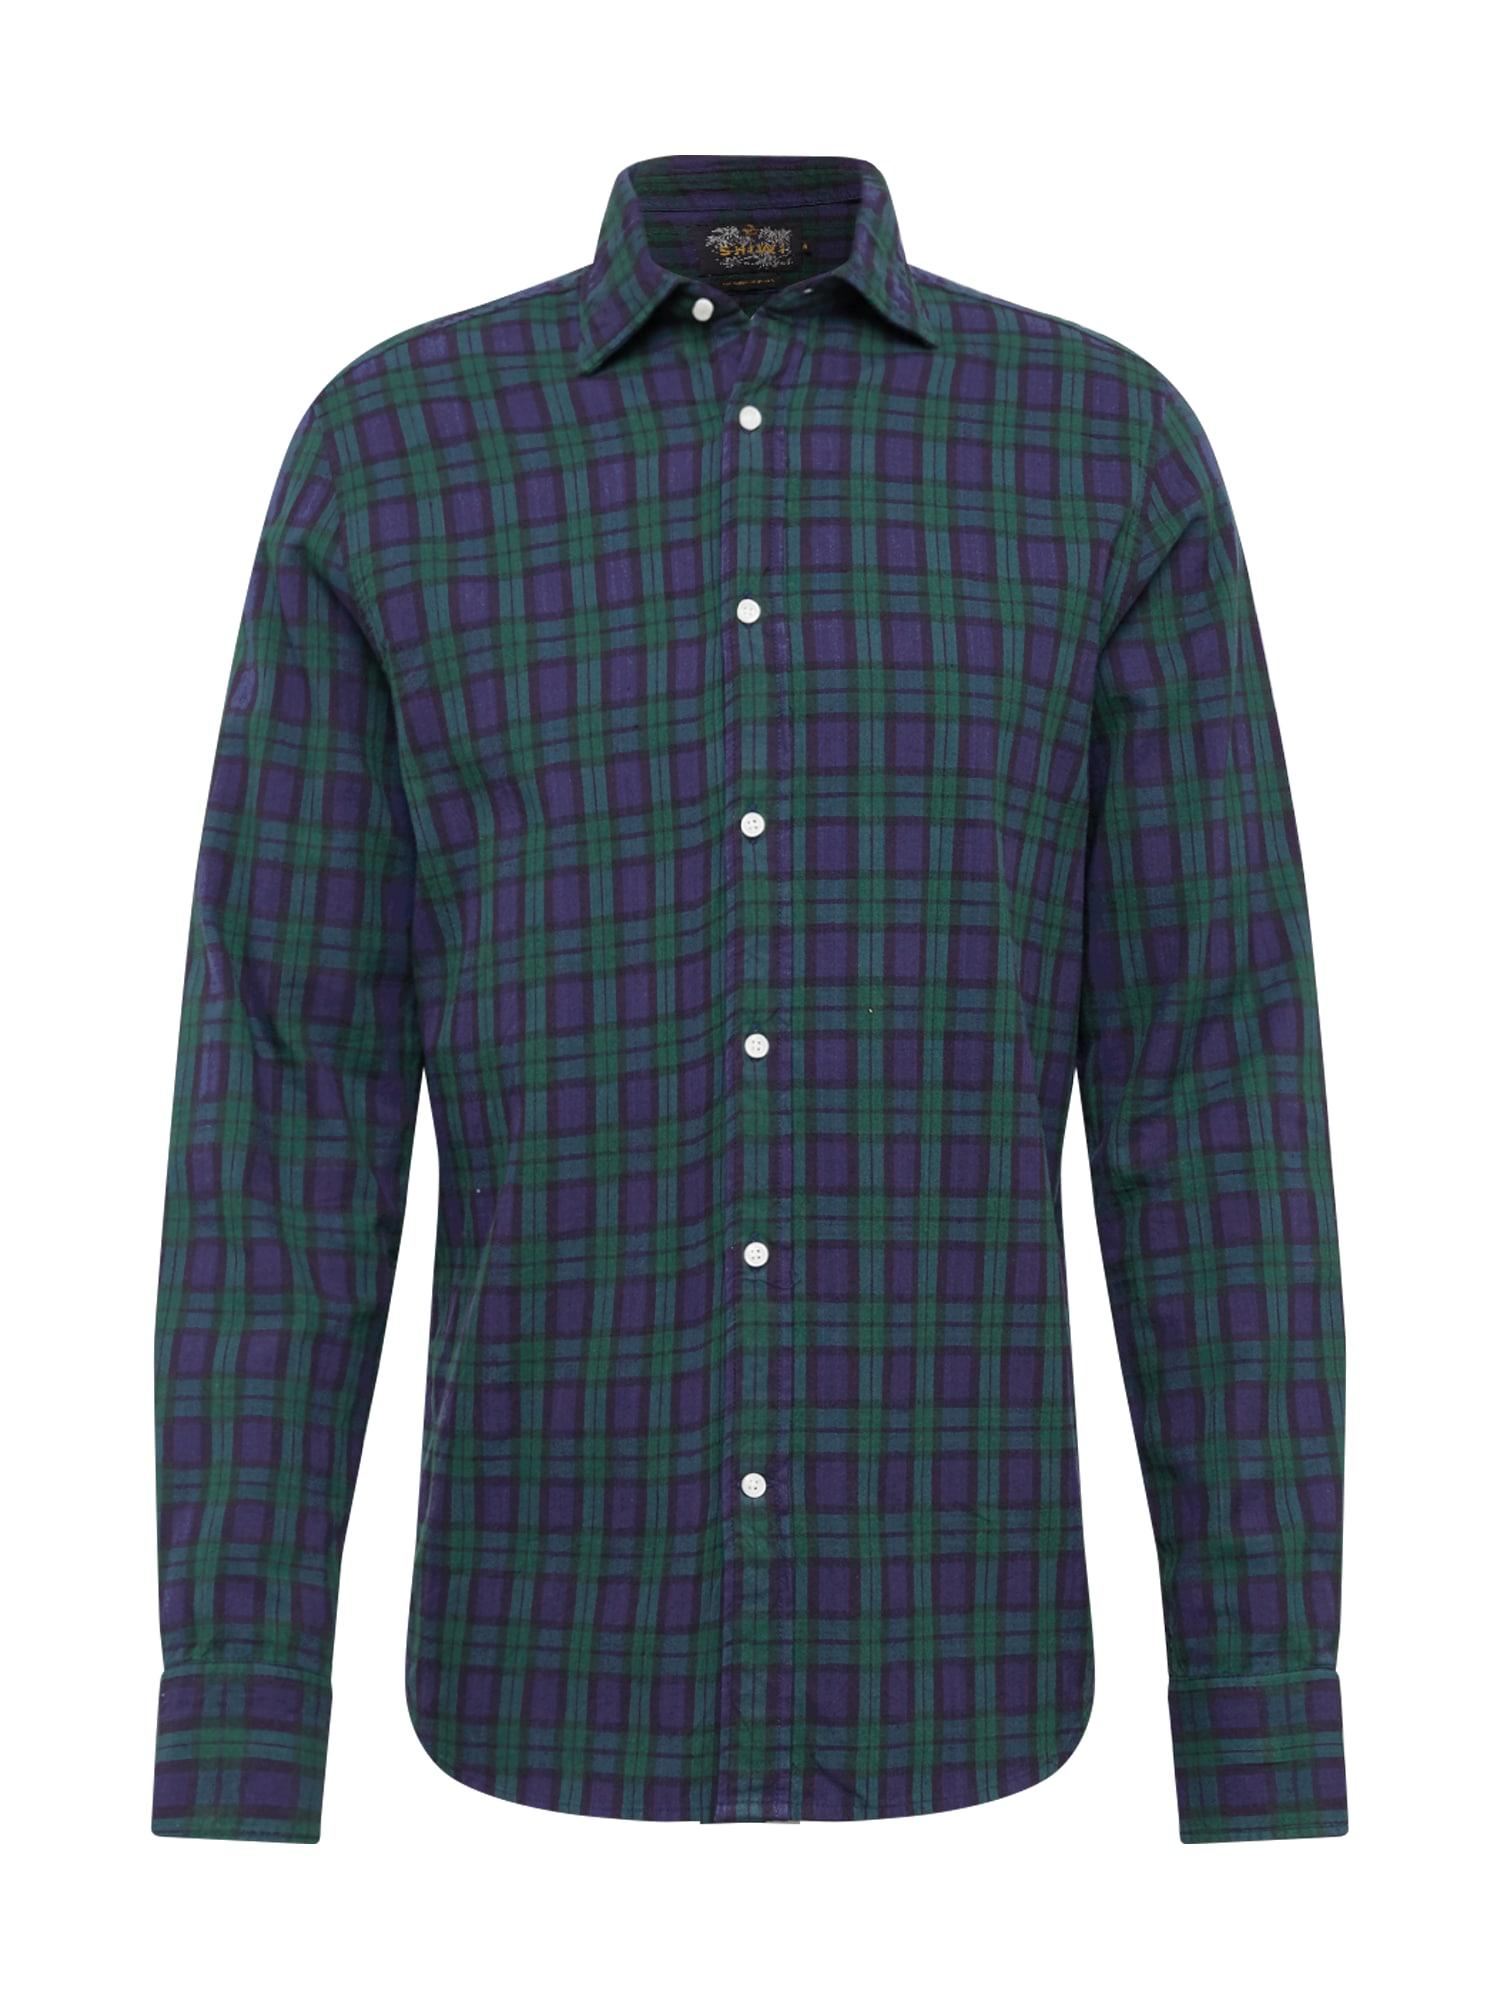 Shiwi Dalykiniai marškiniai 'stuard oxford' tamsiai žalia